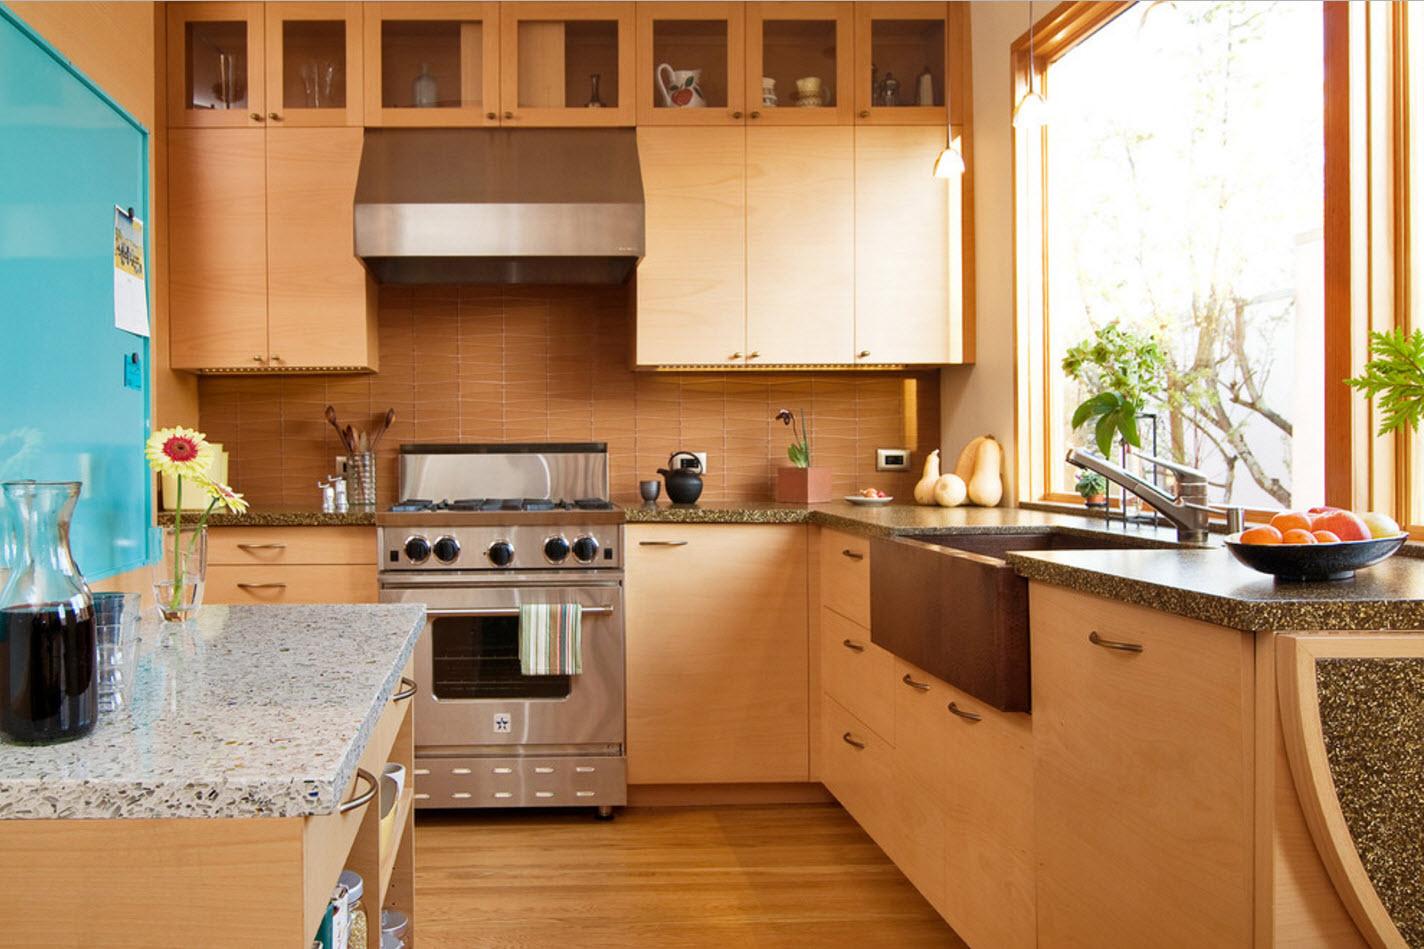 Кухня, совмещенная с гостиной в частном доме: 100+ фотографий дизайна